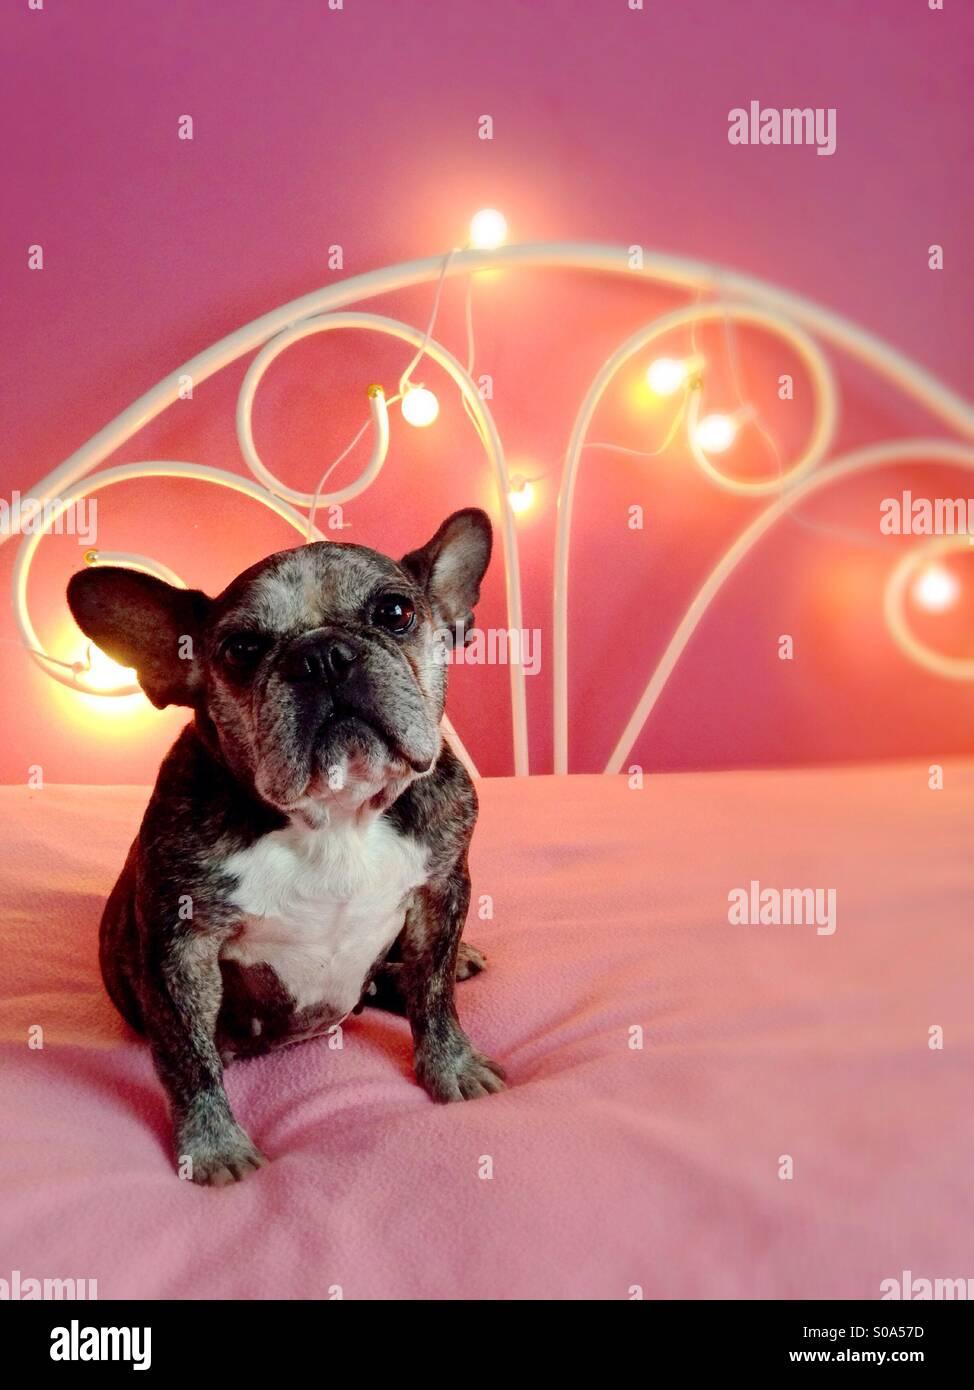 Un simpatico vecchio bulldog francese seduta su di un letto di rosa. Immagini Stock